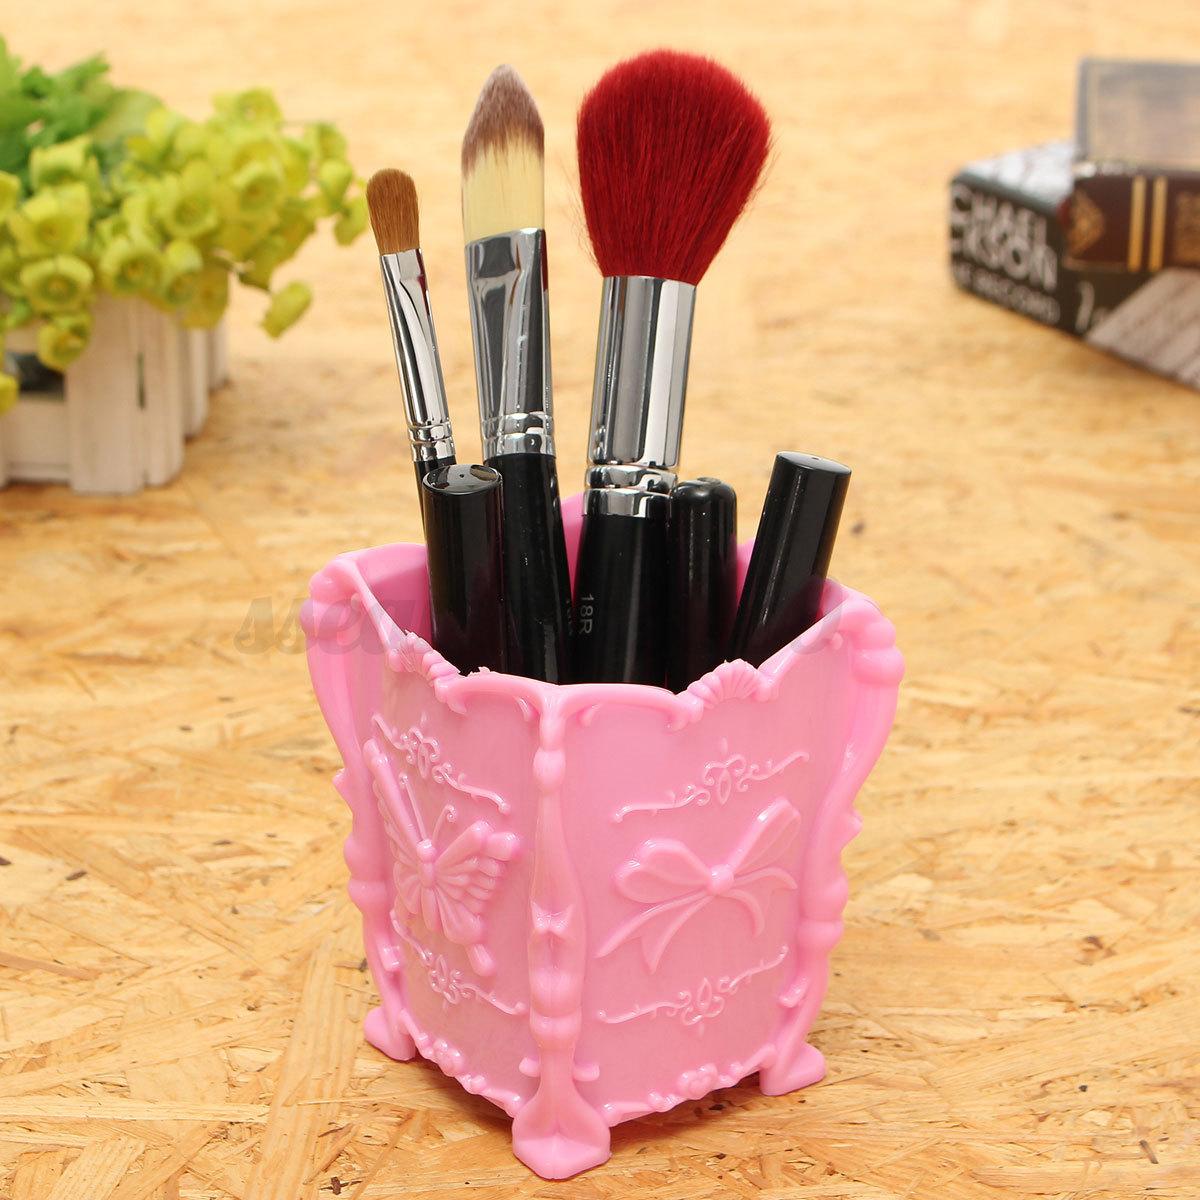 Boite-Pot-Crayons-Pinceaux-Porte-Rangement-Maquillage-Cosmetique-Stockage-Bureau